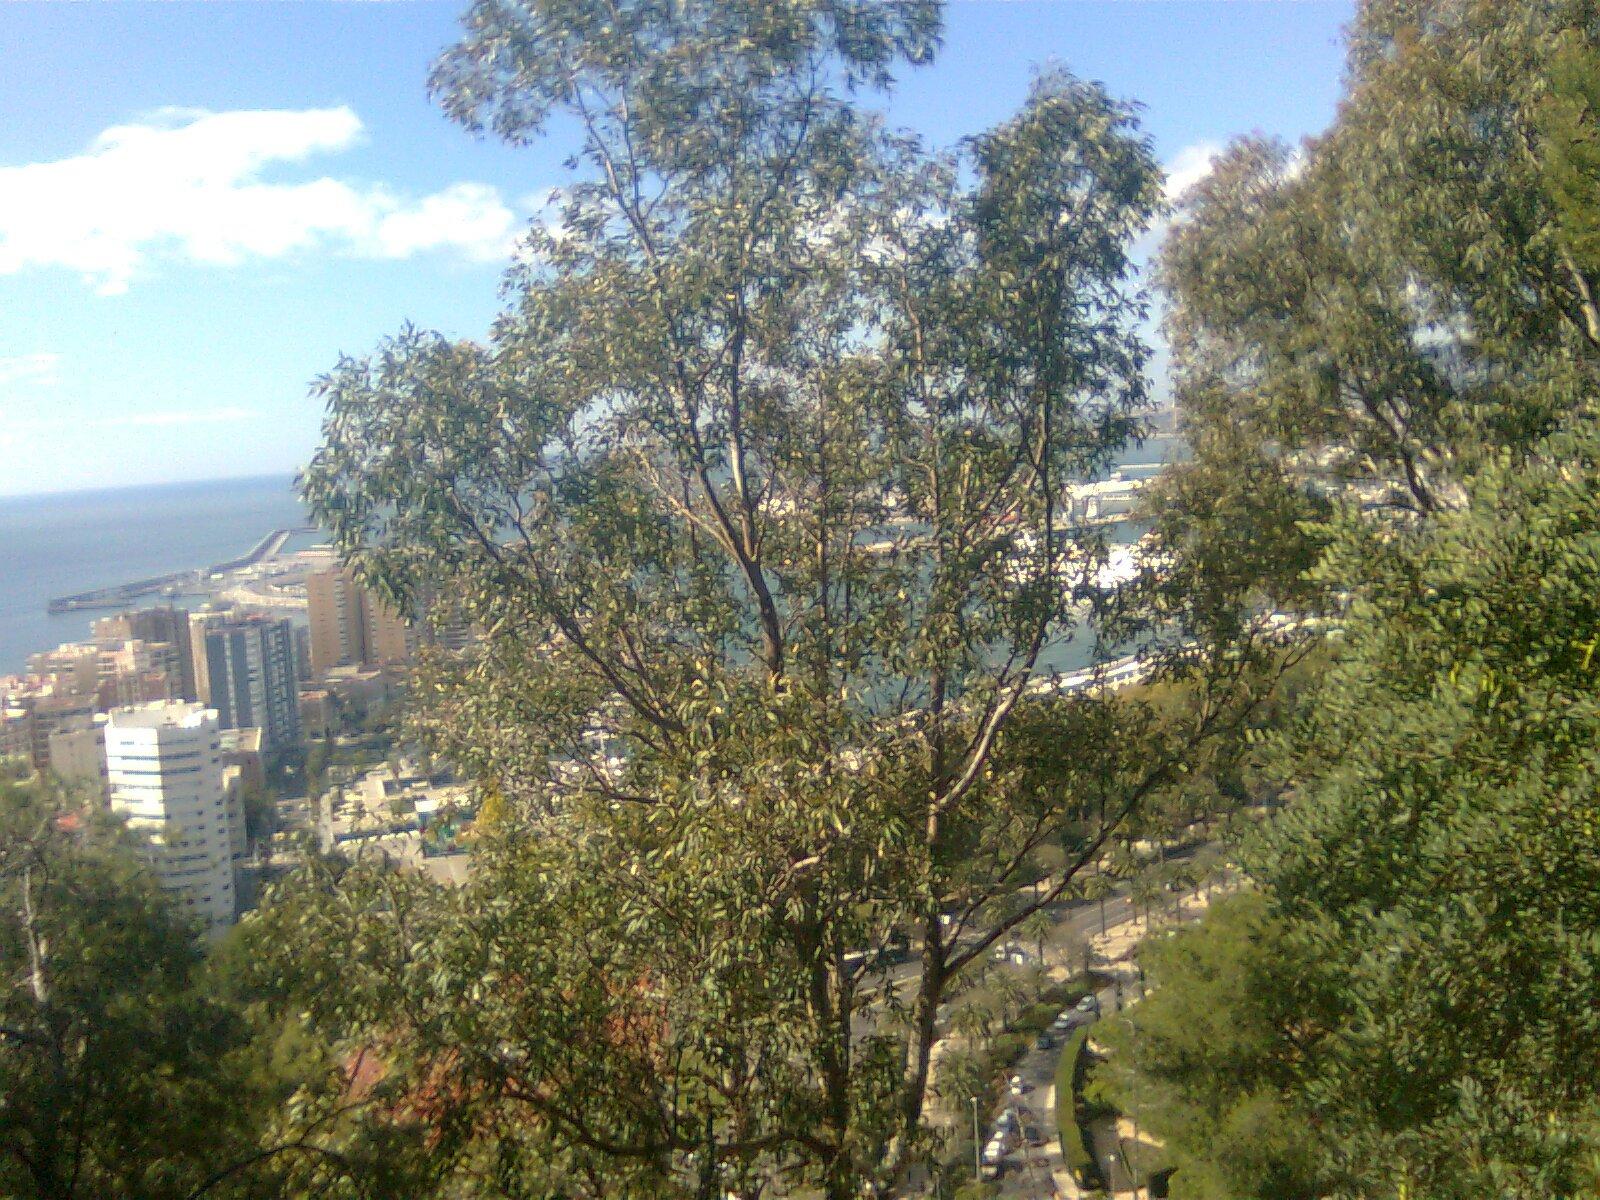 Malaga: Porto dalla vegetazione collina Gibralfaro